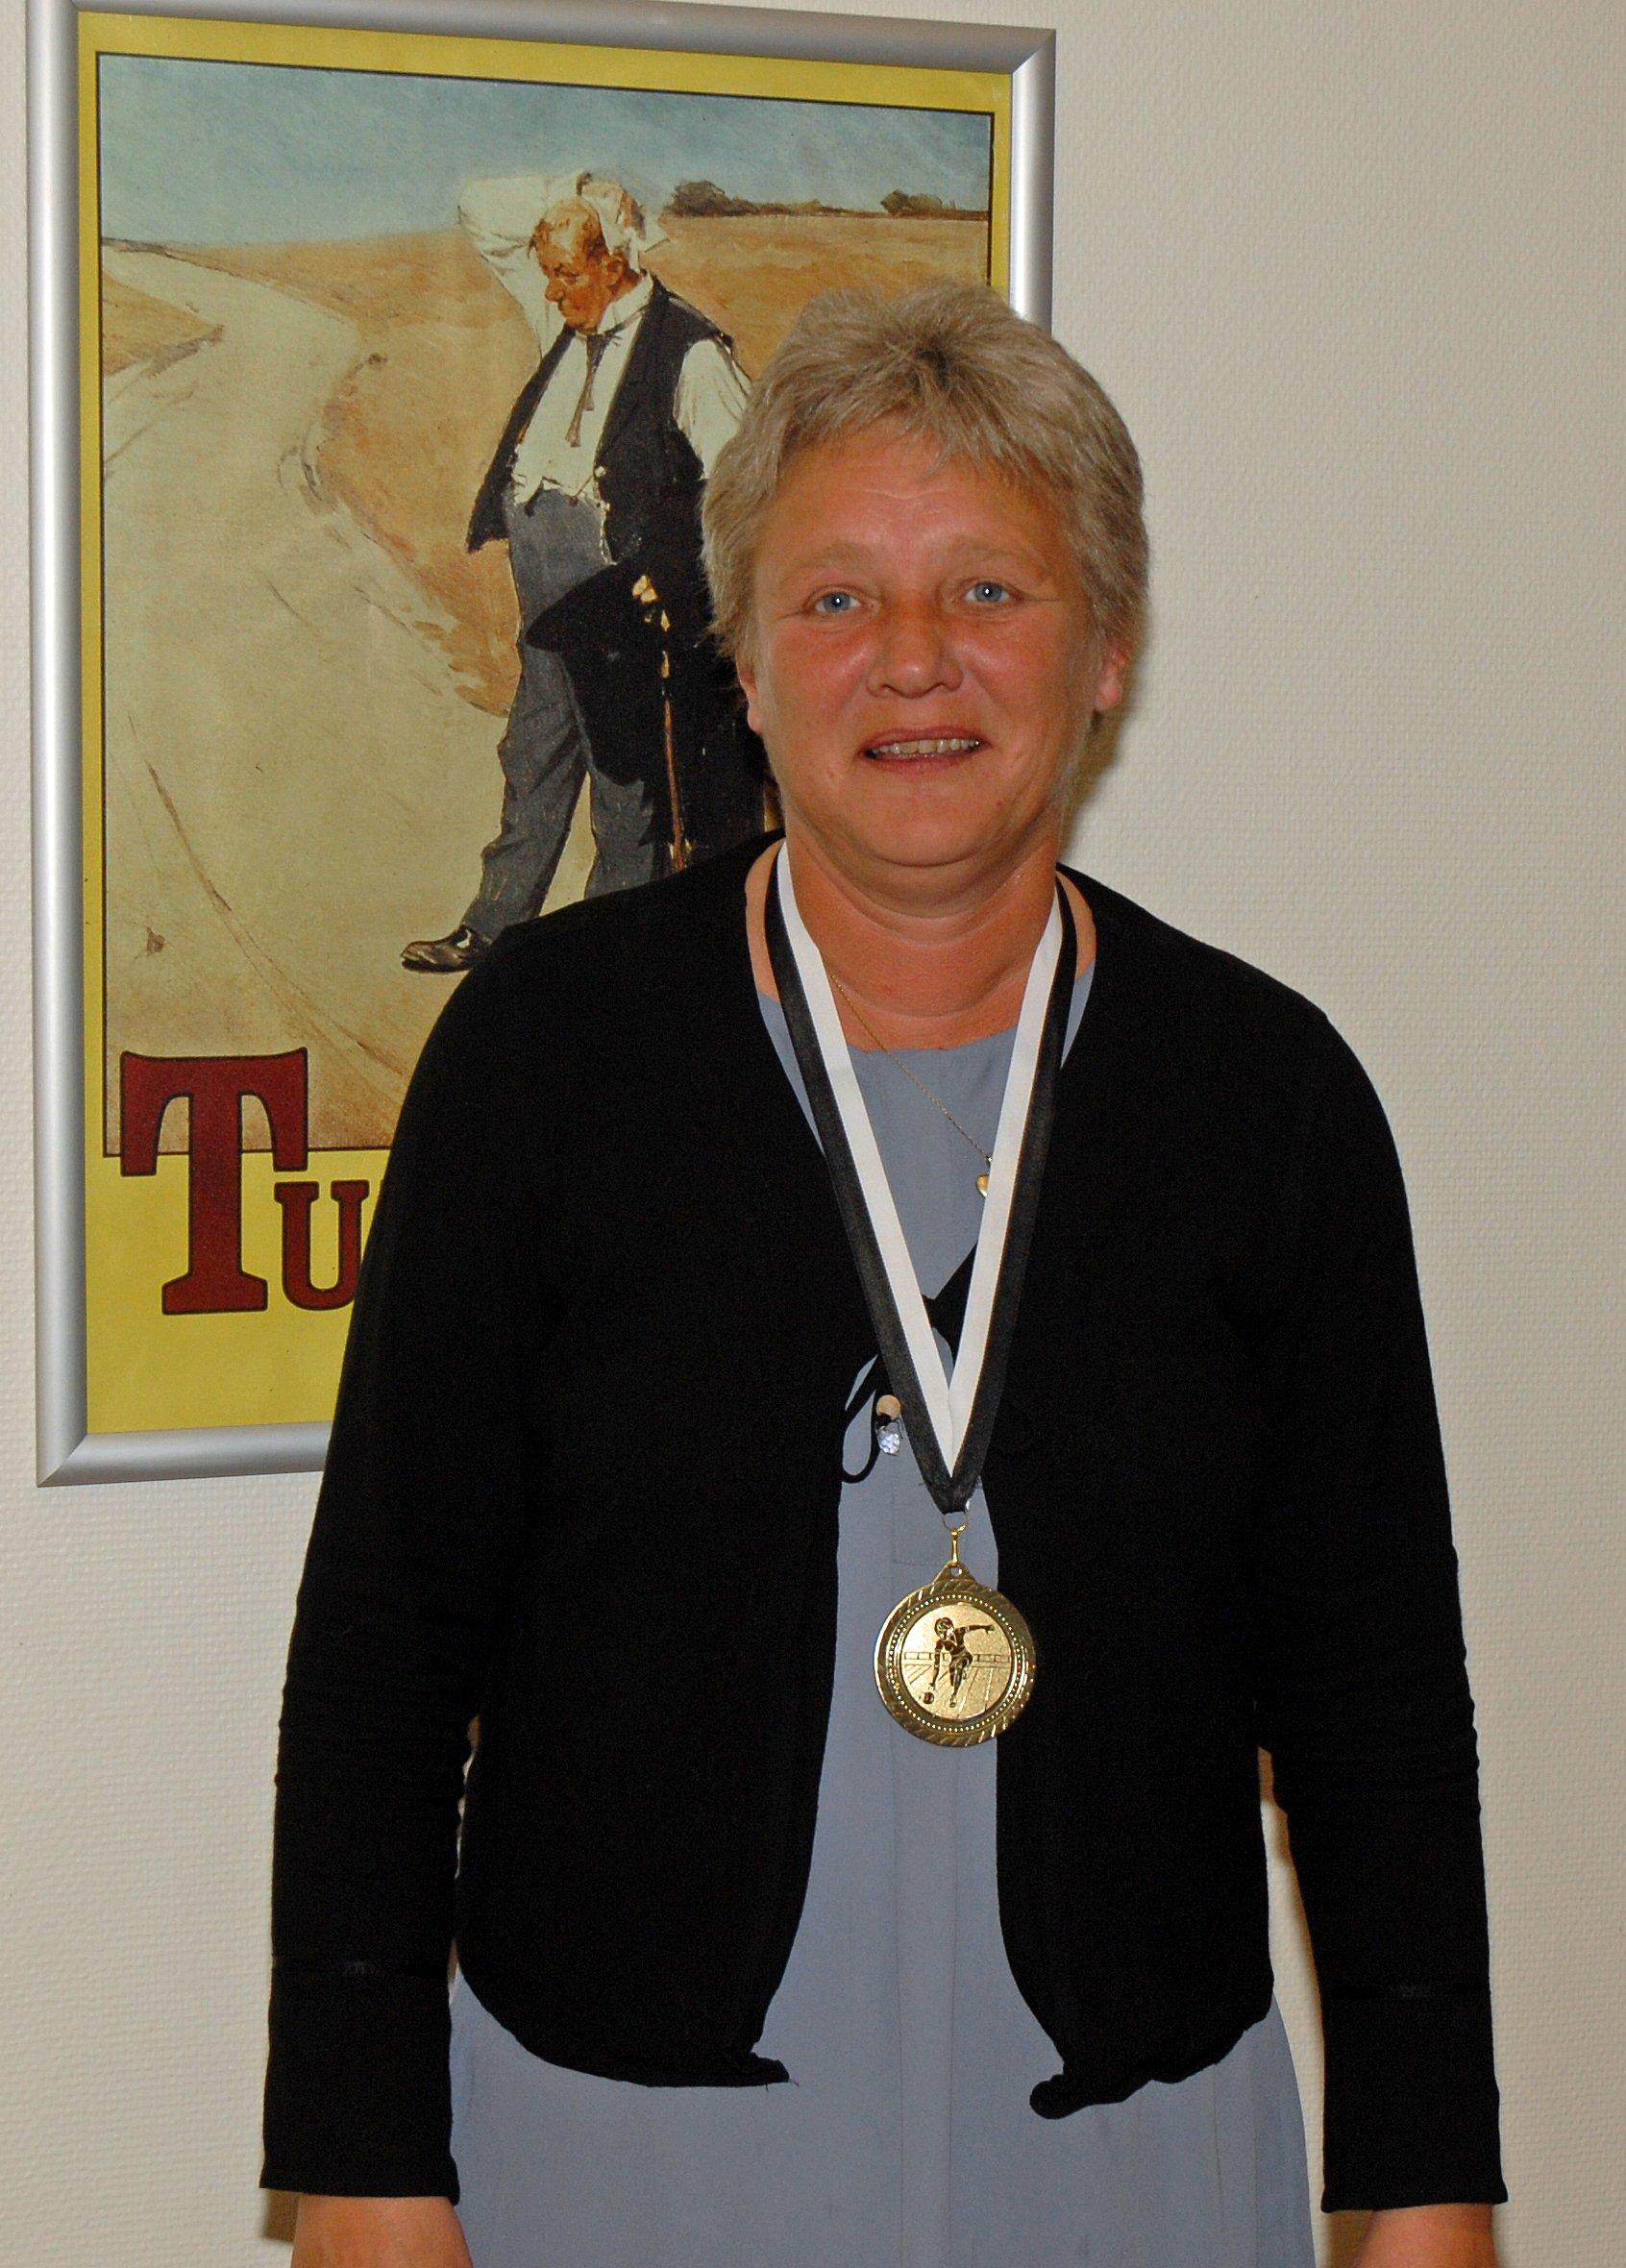 Klubmesterskab 2015. Damer række C. Guld til Berit Schmidt